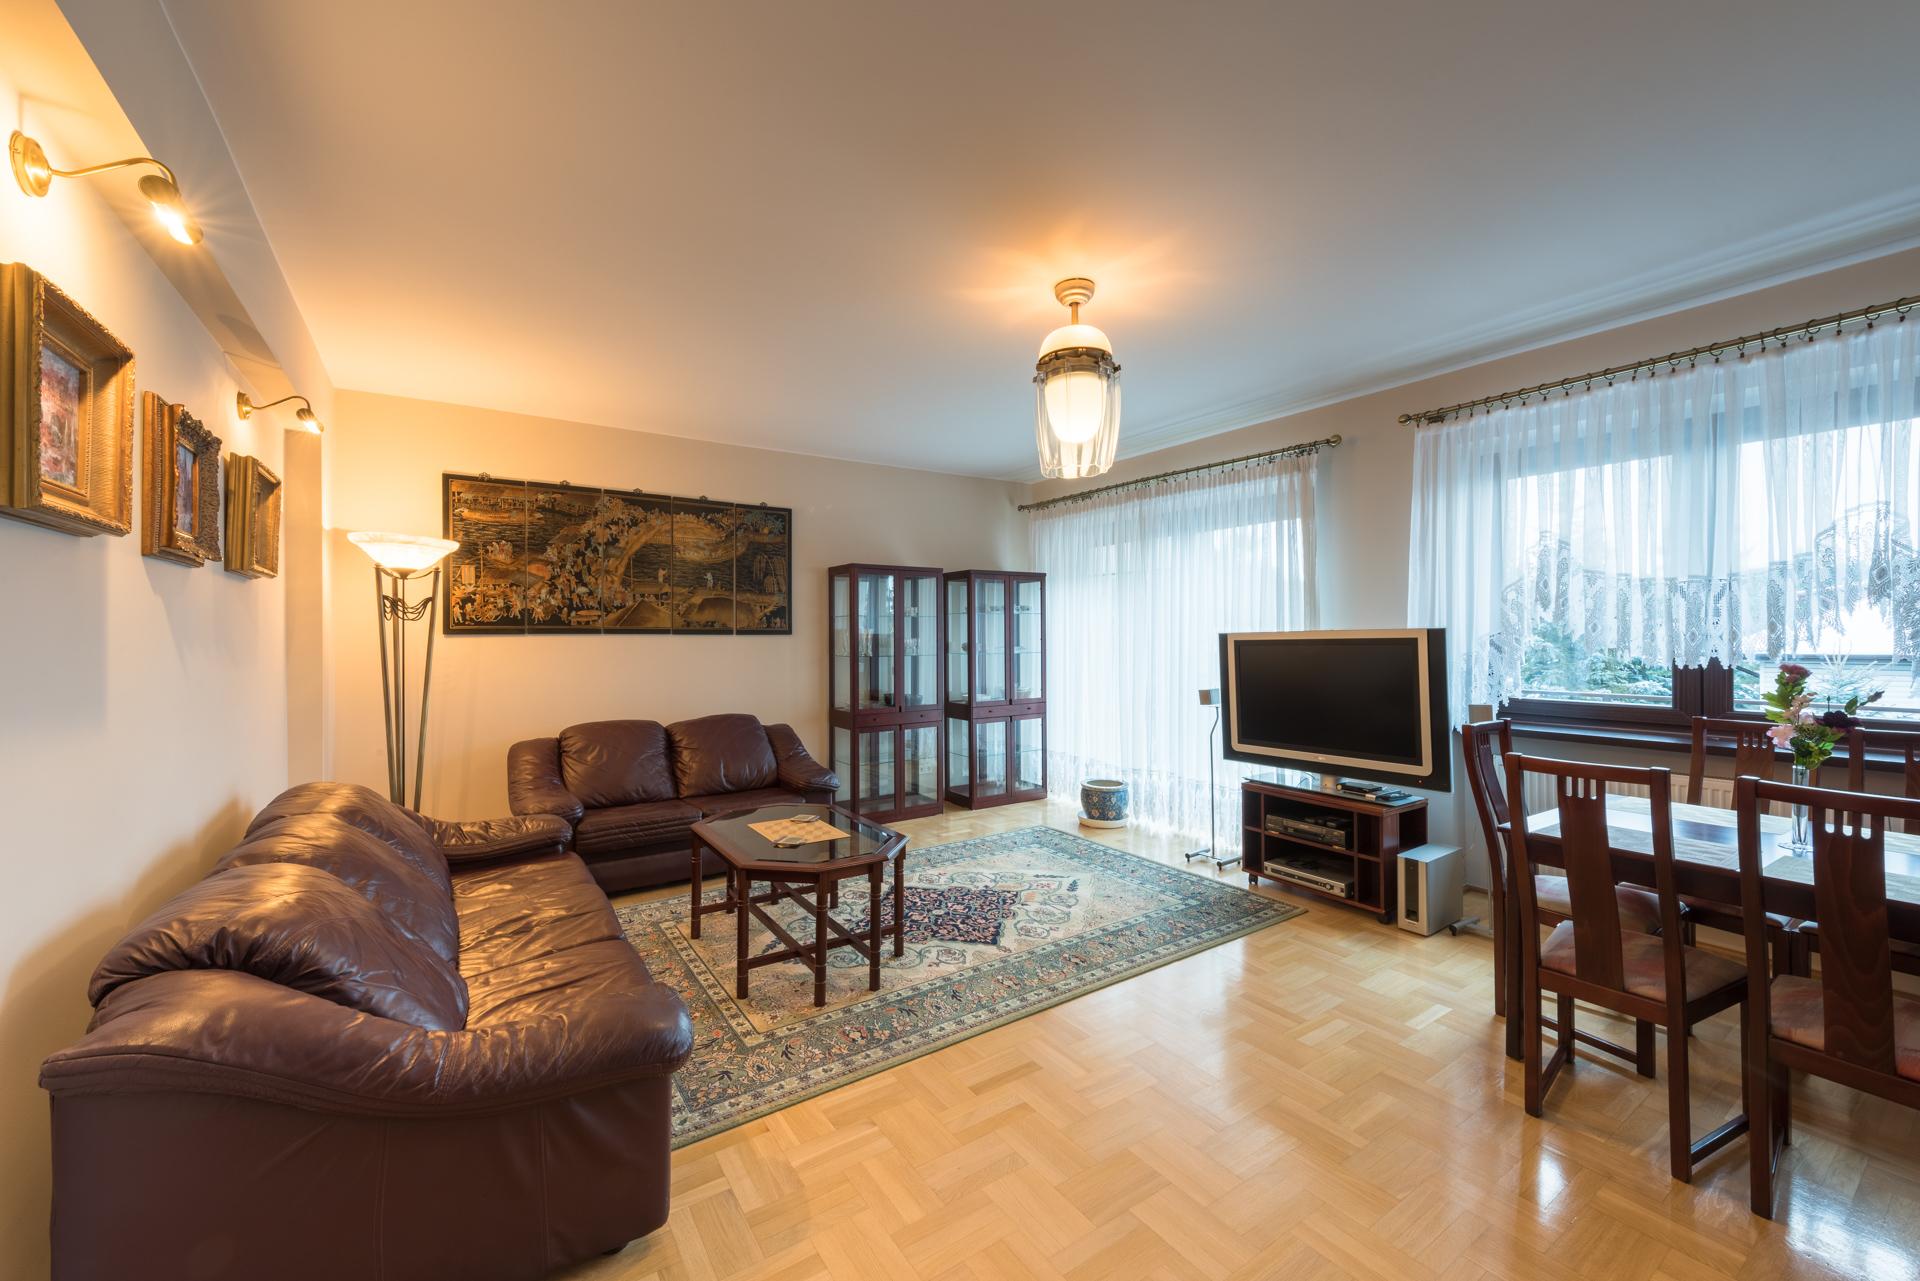 zdjęcia wnętrz mieszkań firm fotografia na zlecenie agencji wynajmu